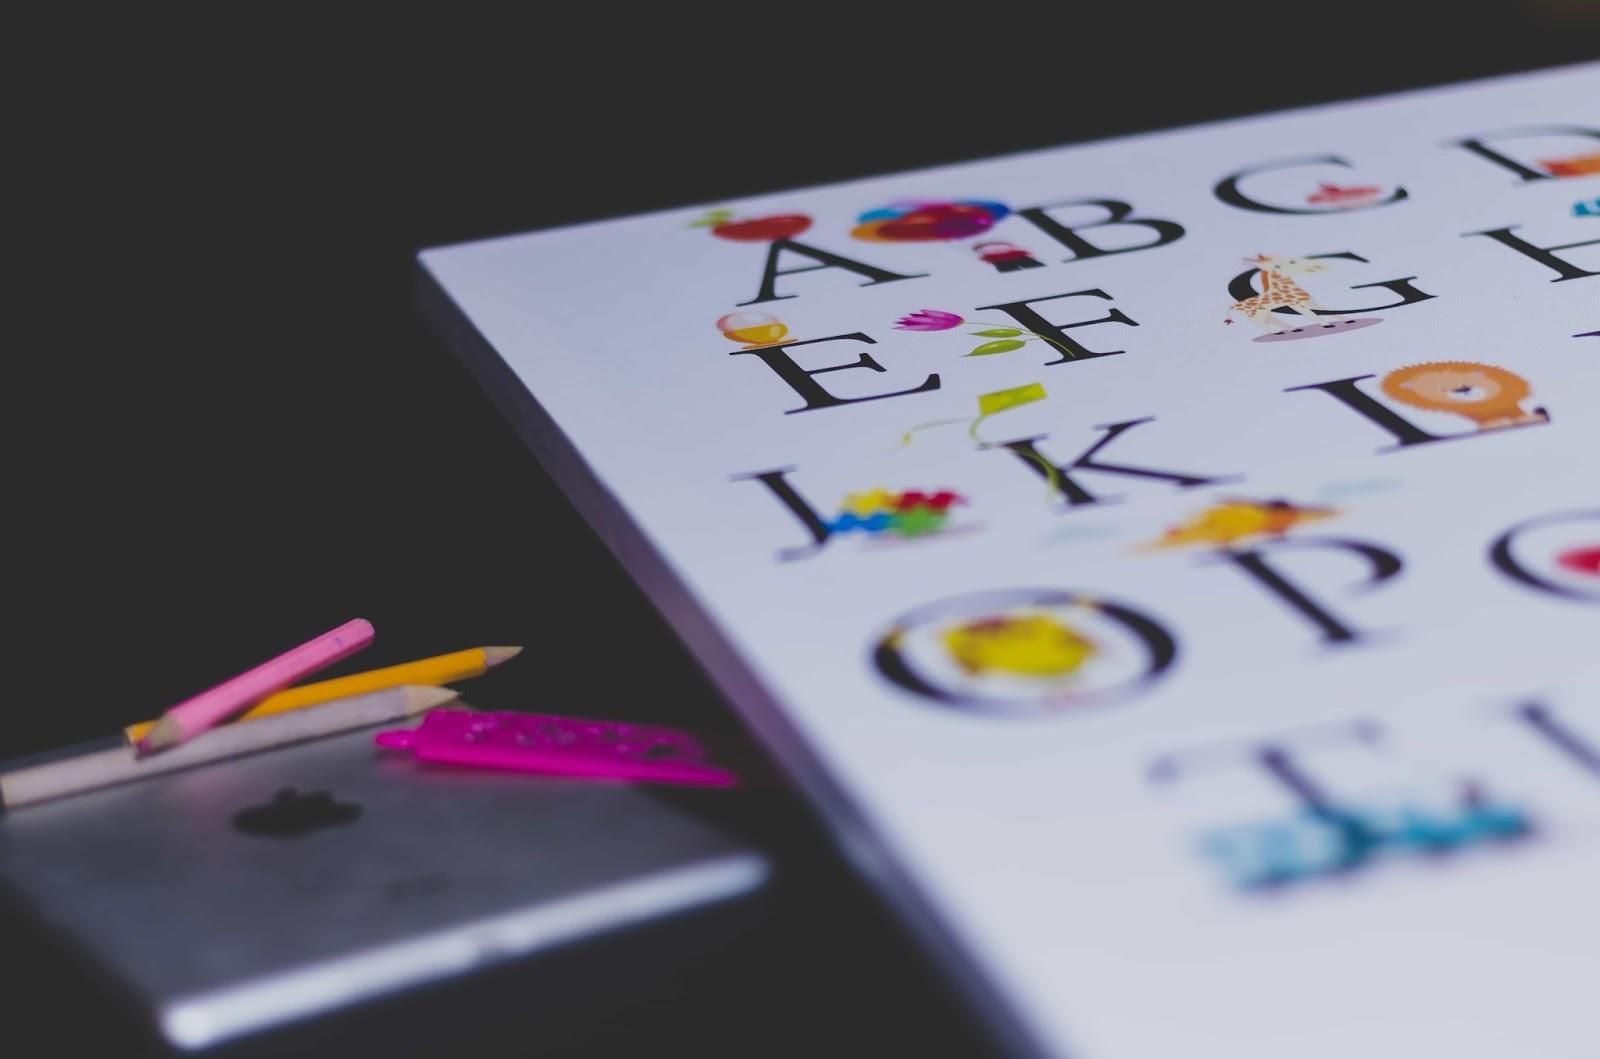 تعلم اللغة الانجليزية بشكل فعال ومتقن, مجانا بالصوت والصورة